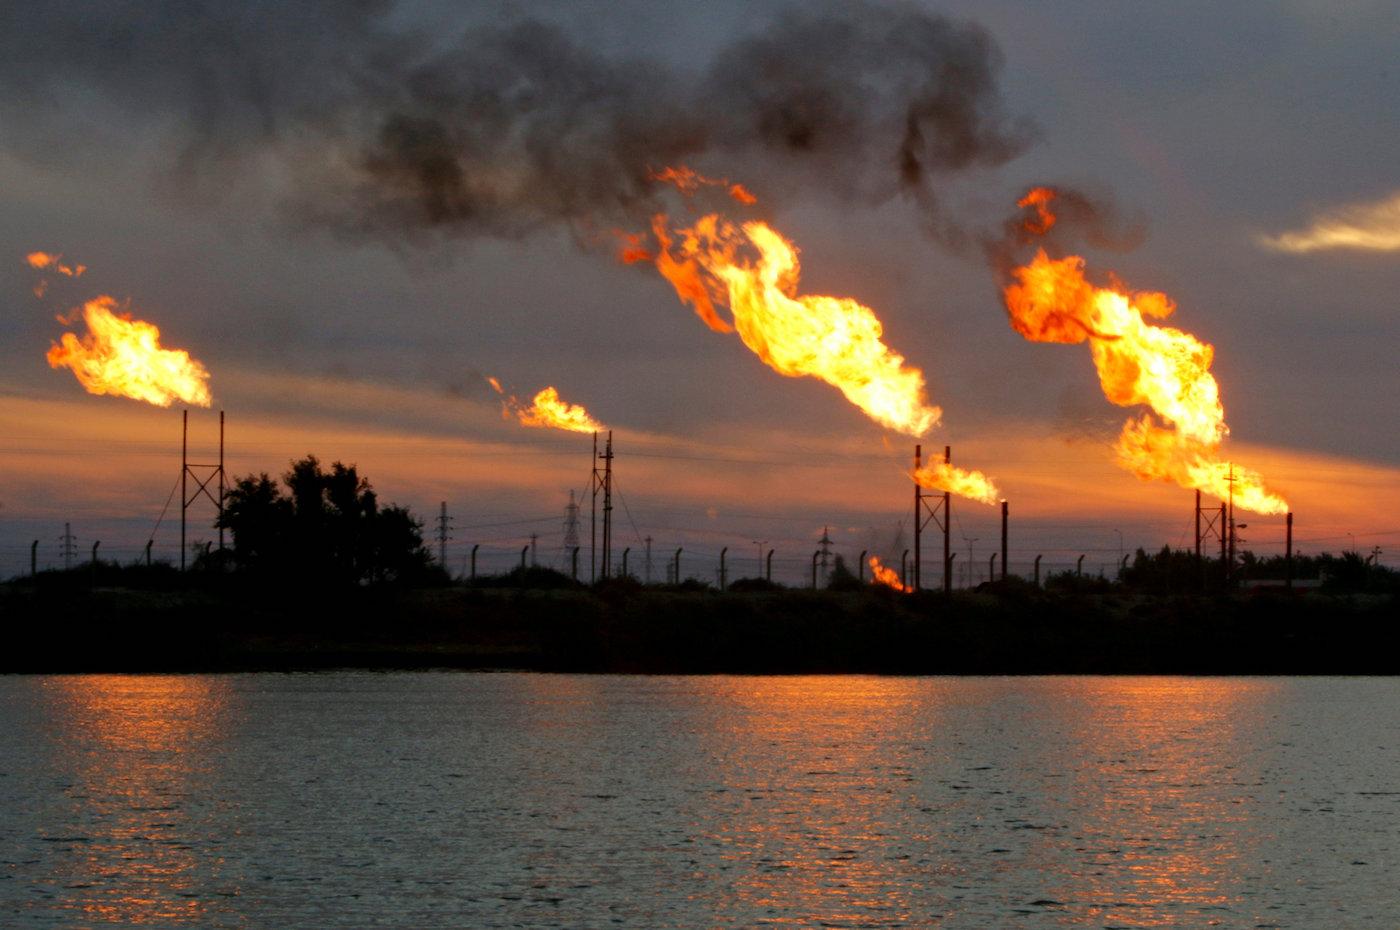 Un gisement pétrolier au sud-est de Bagdad. (Reuters)